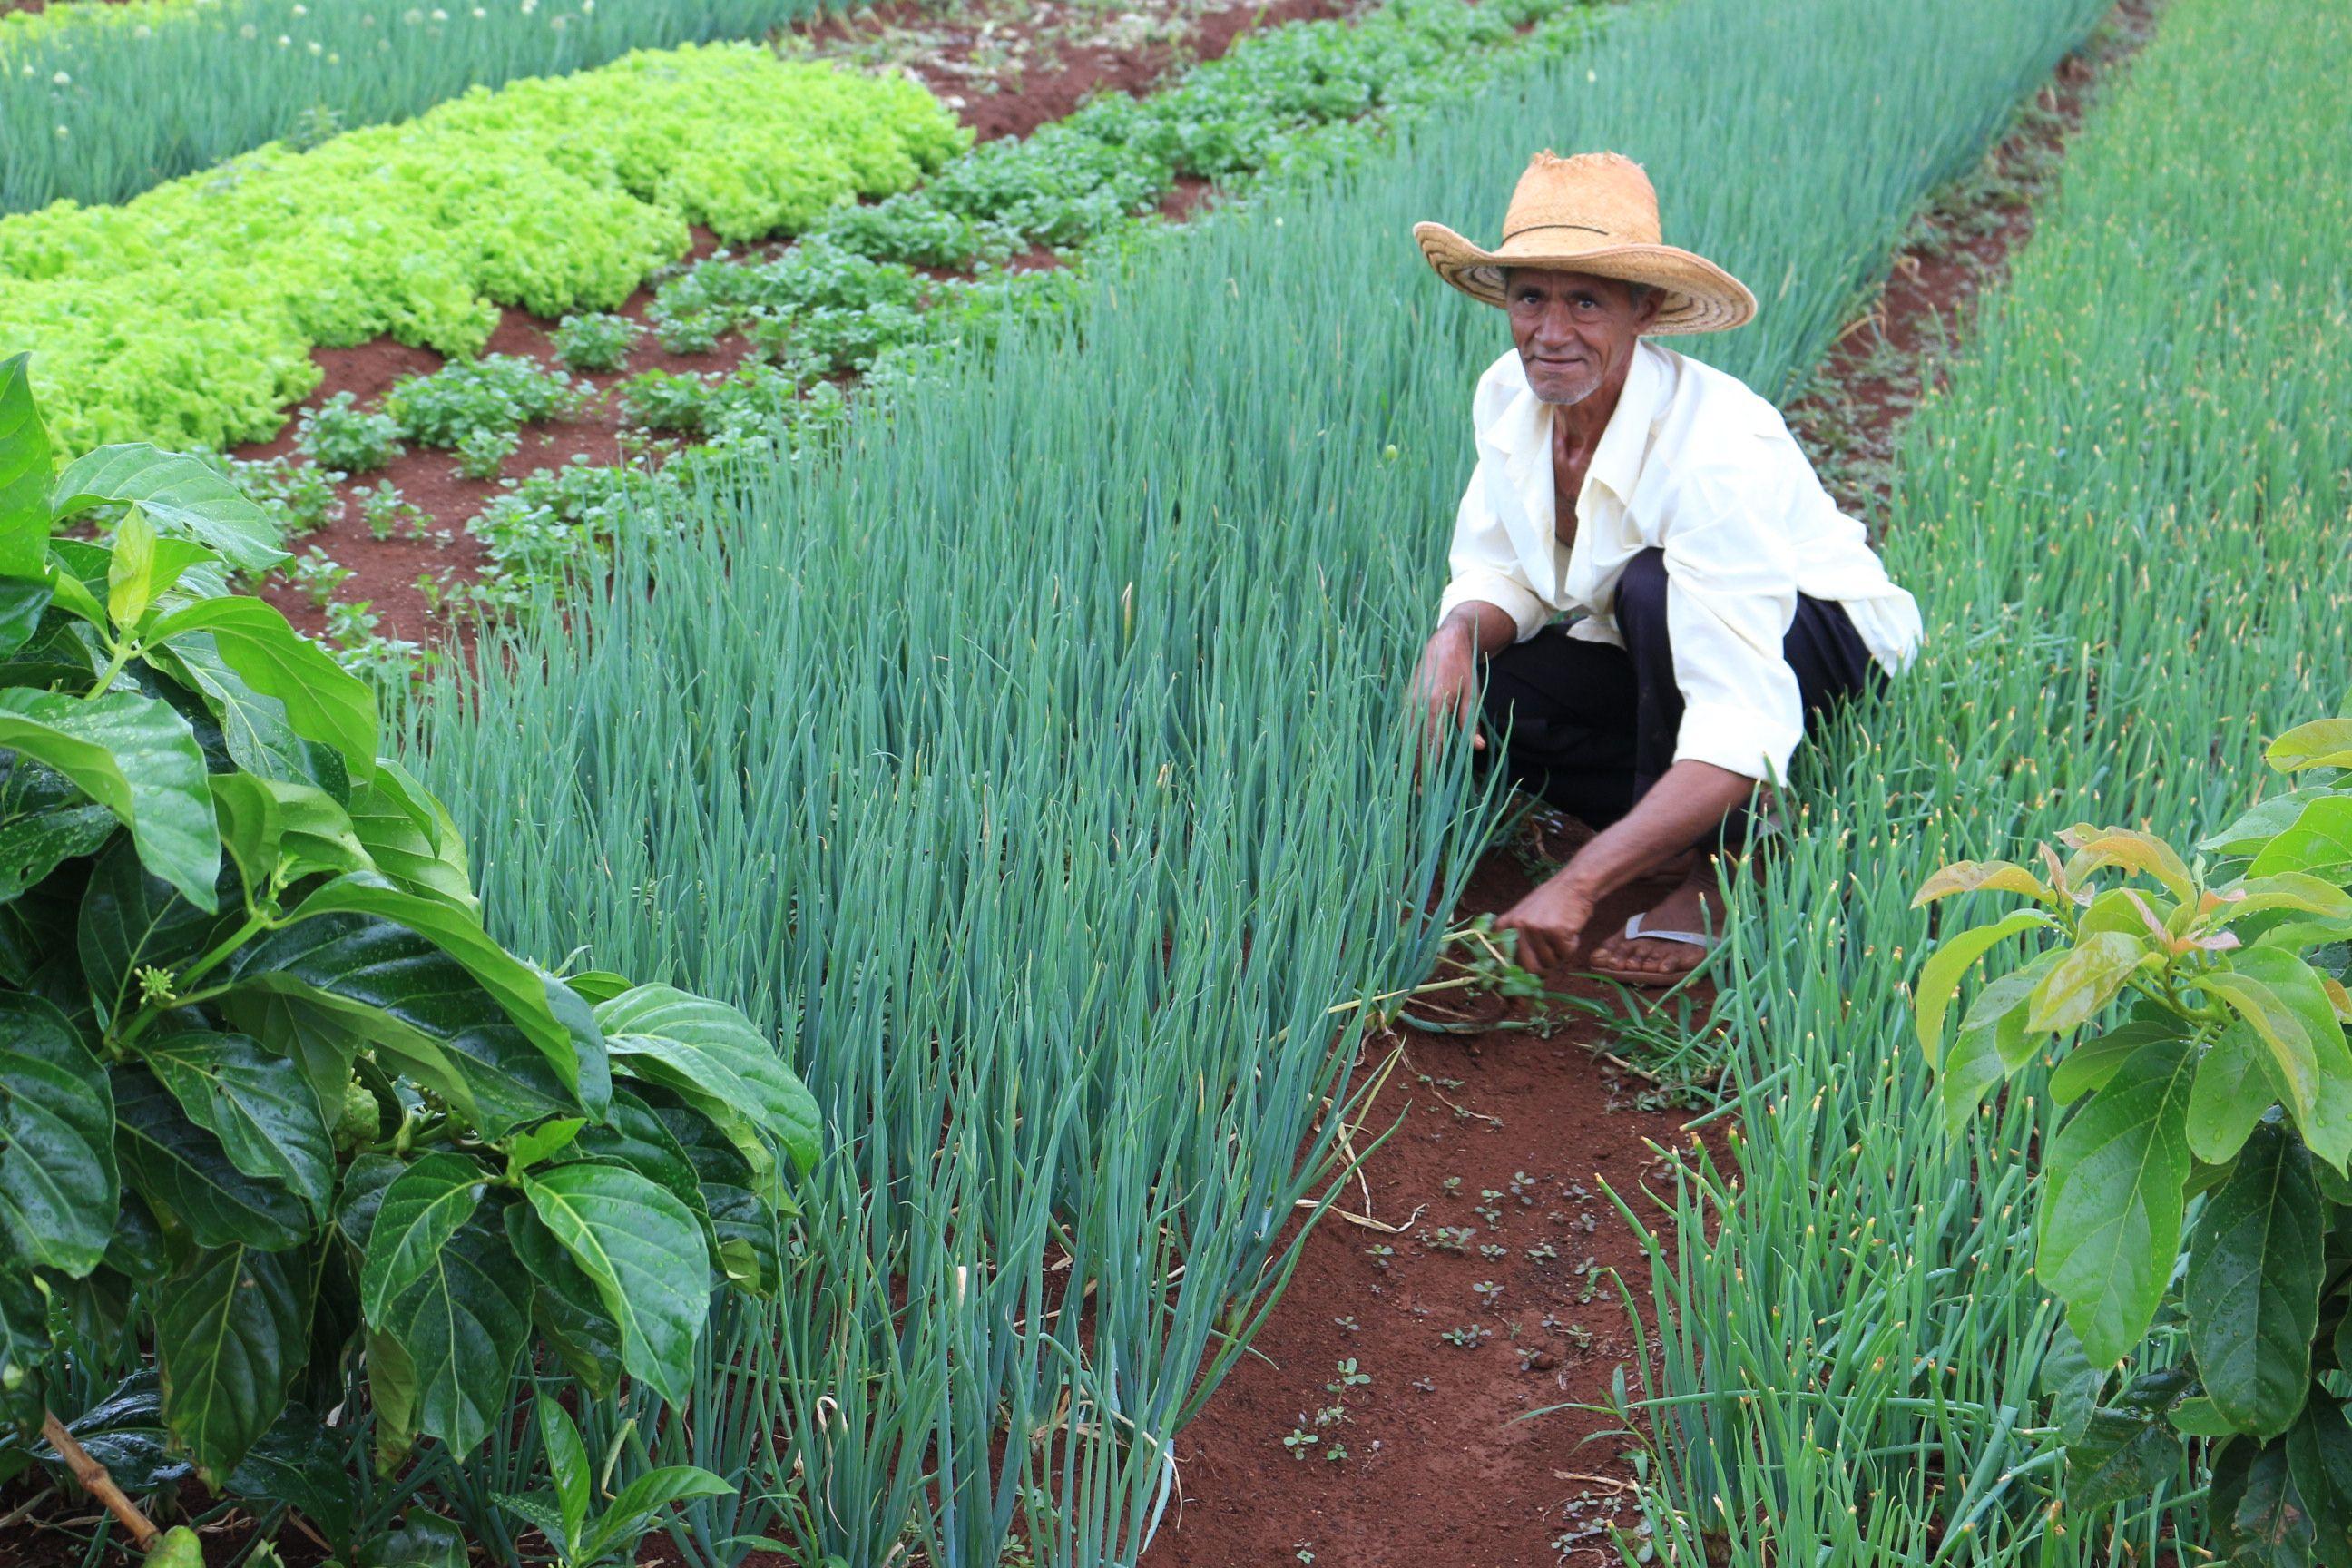 Presidente da Embrapa aborda futuro da agricultura sustentável brasileira